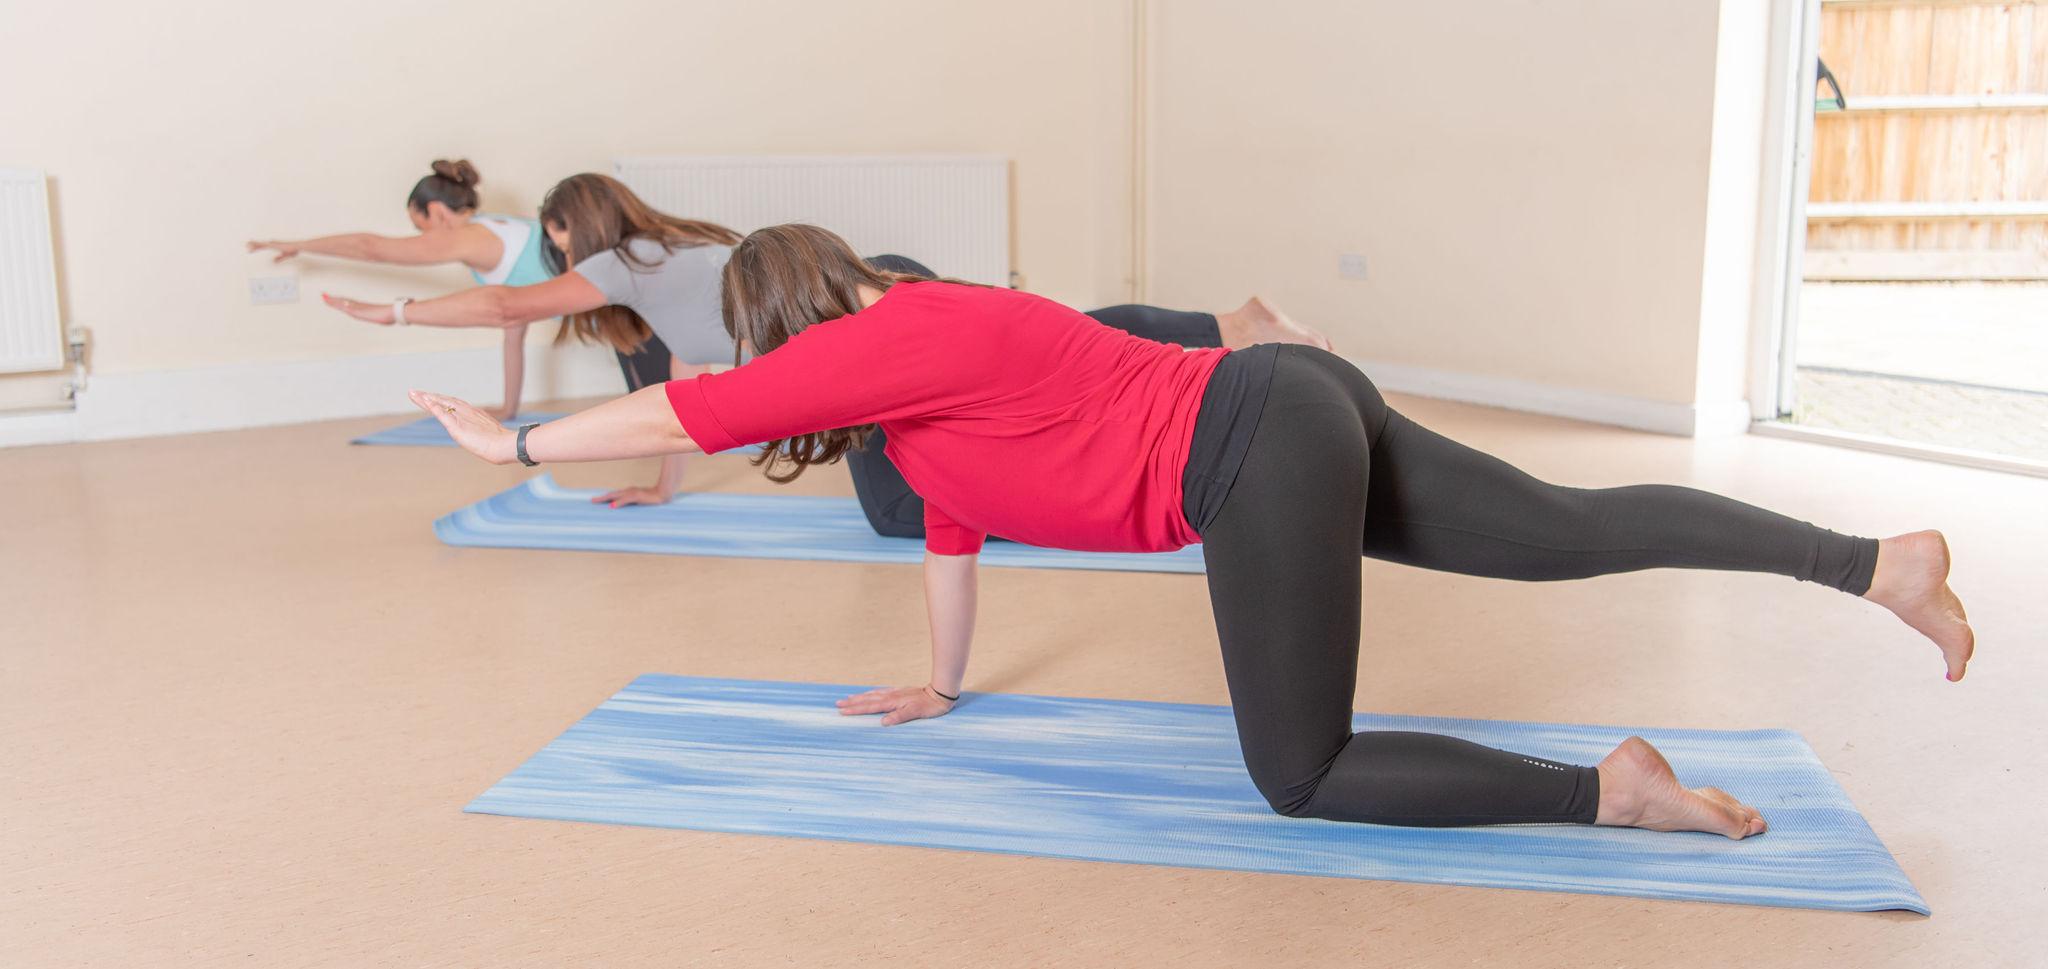 3 women extending arm and leg